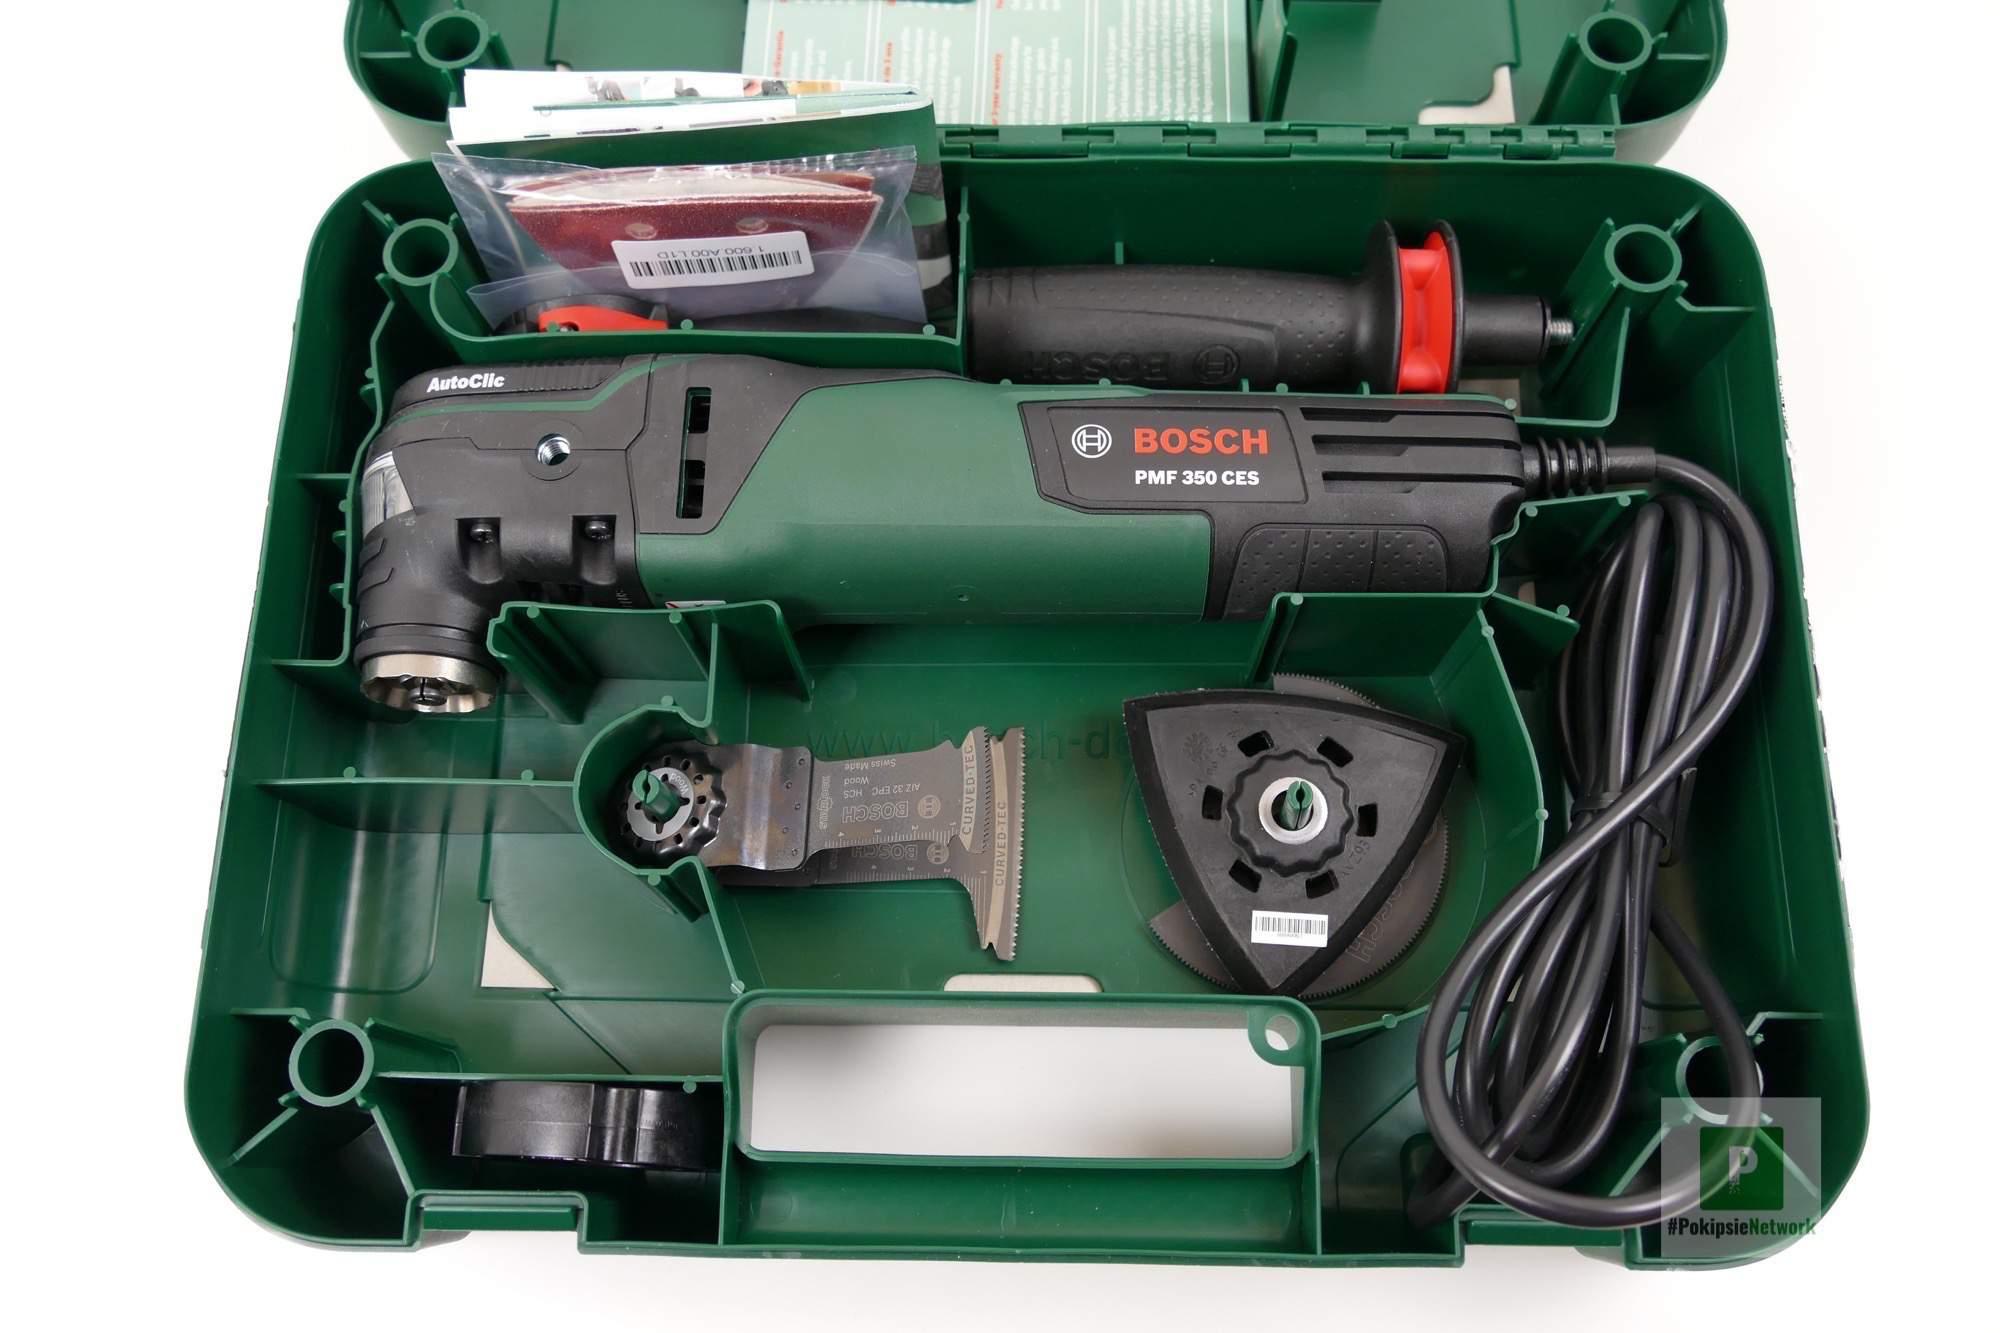 Bosch PMF 350 CES Testbericht